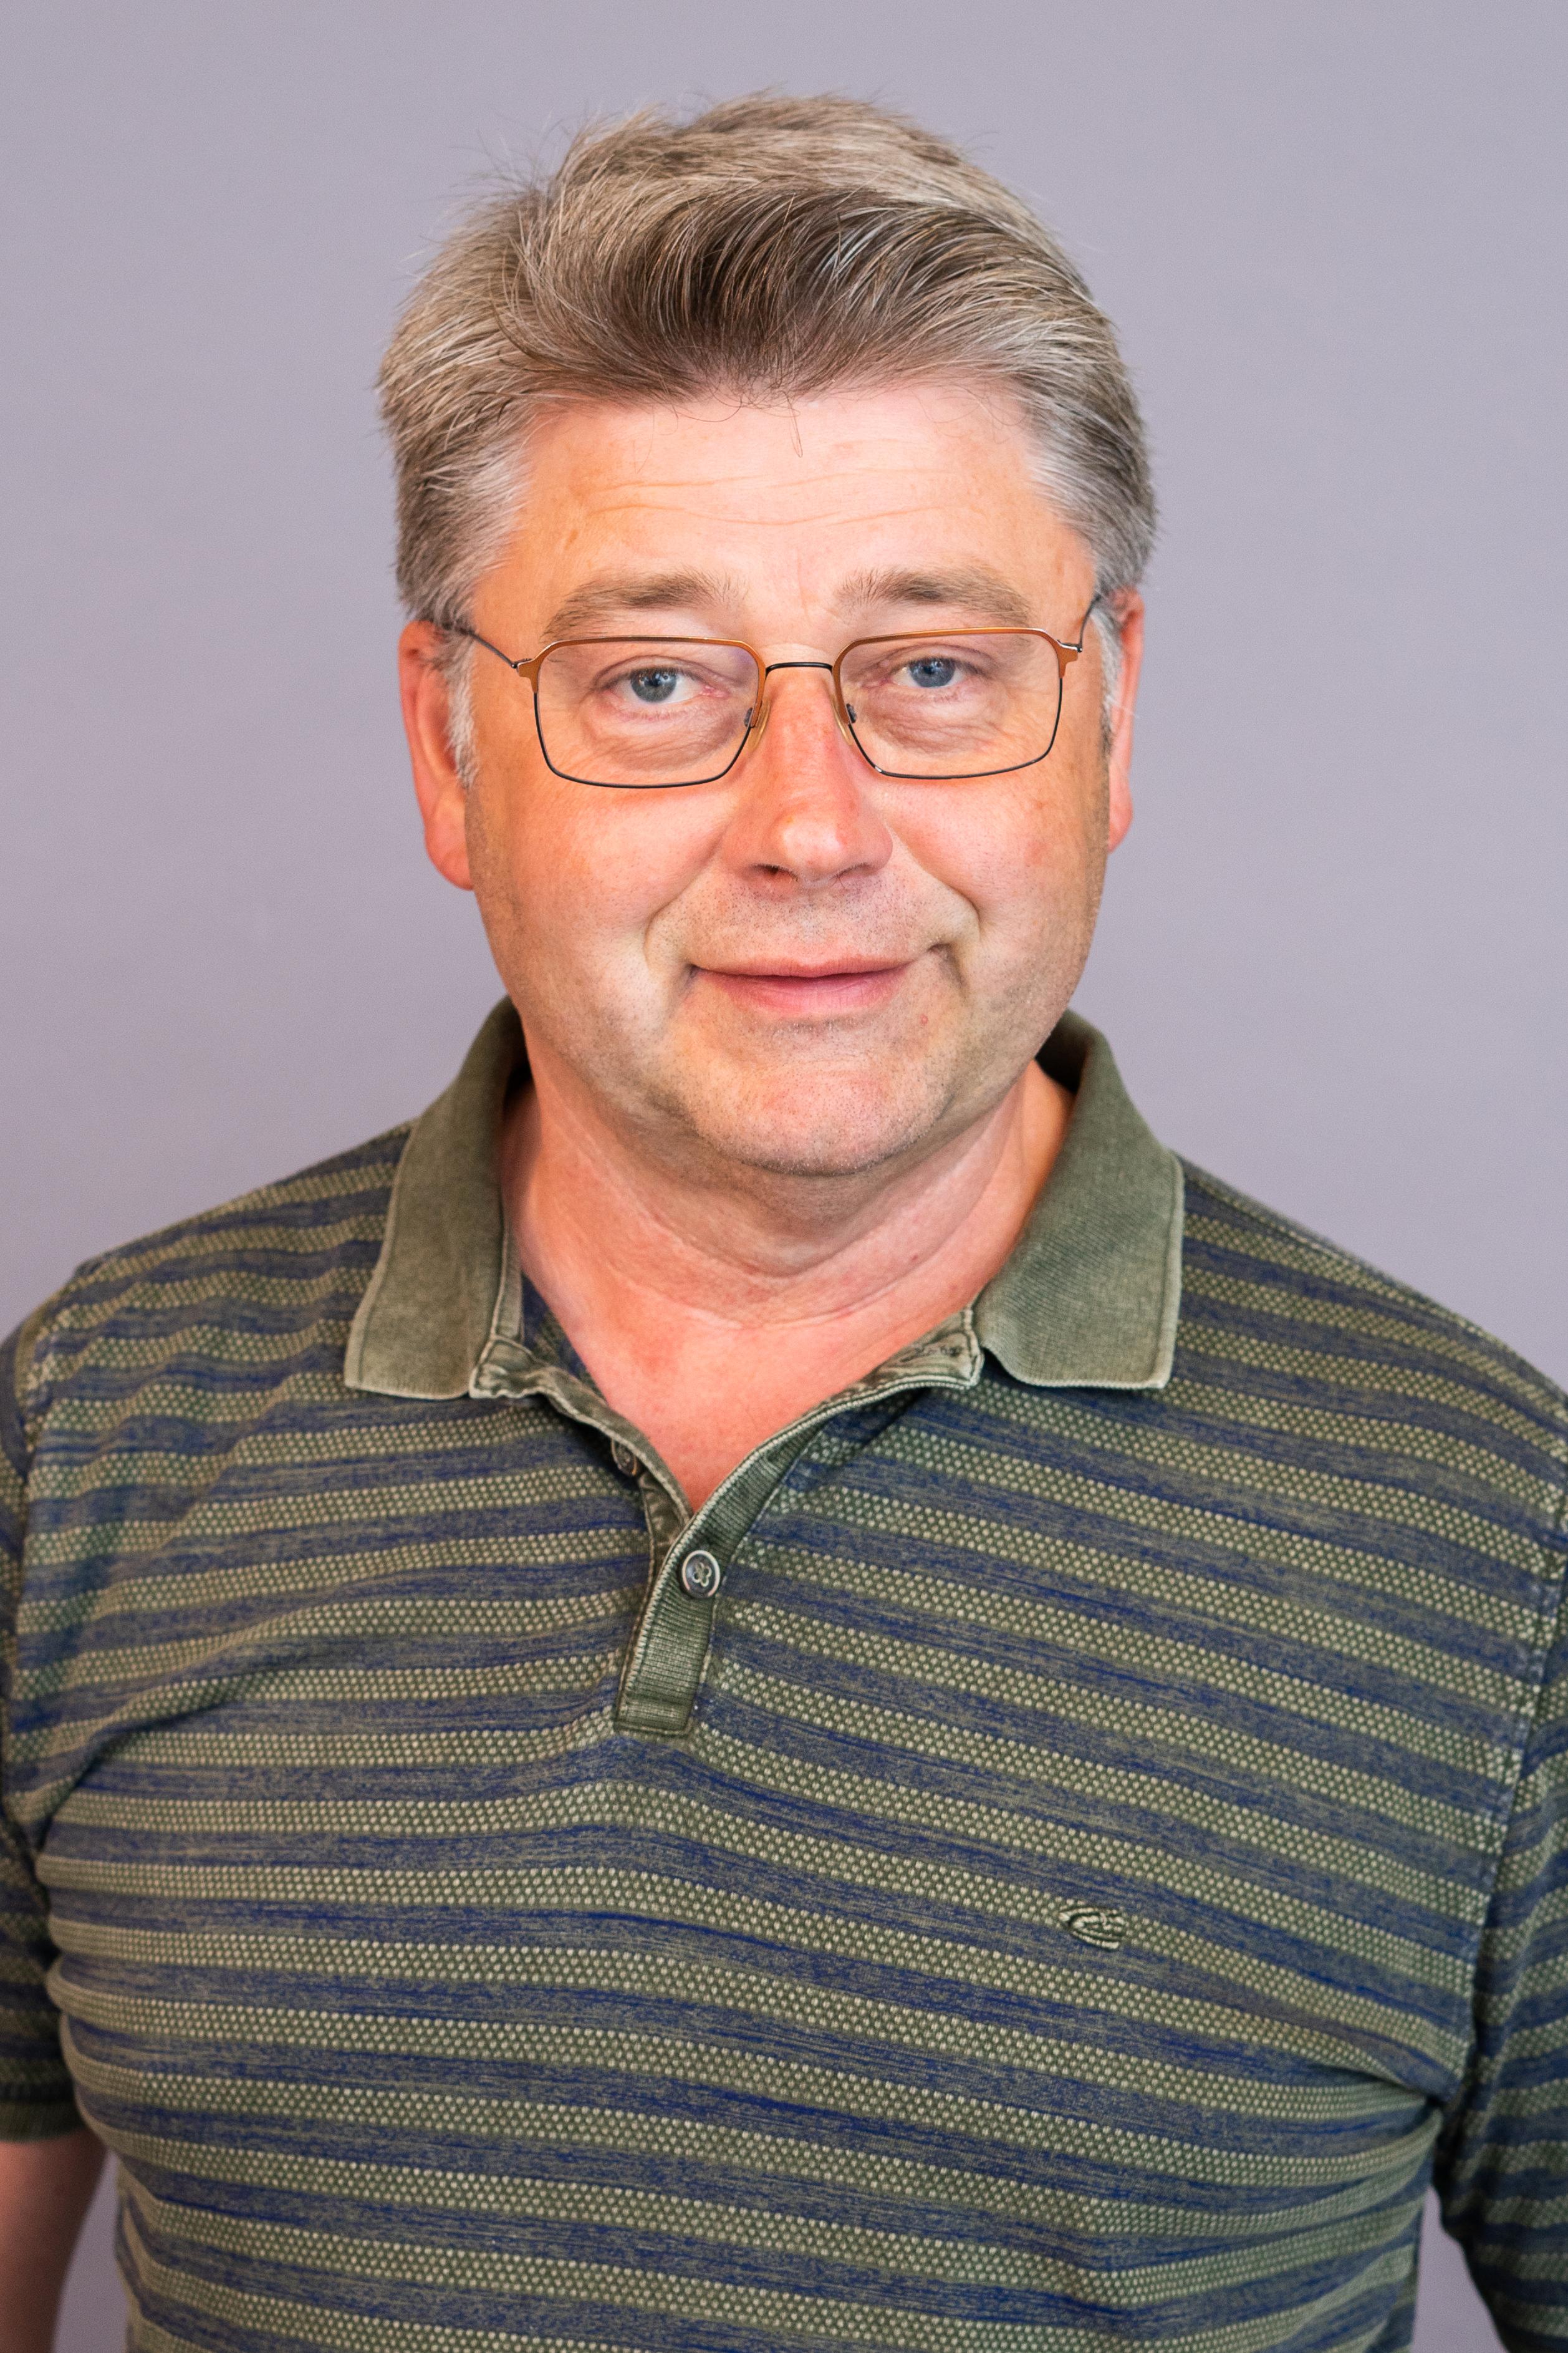 Dirk Brumund